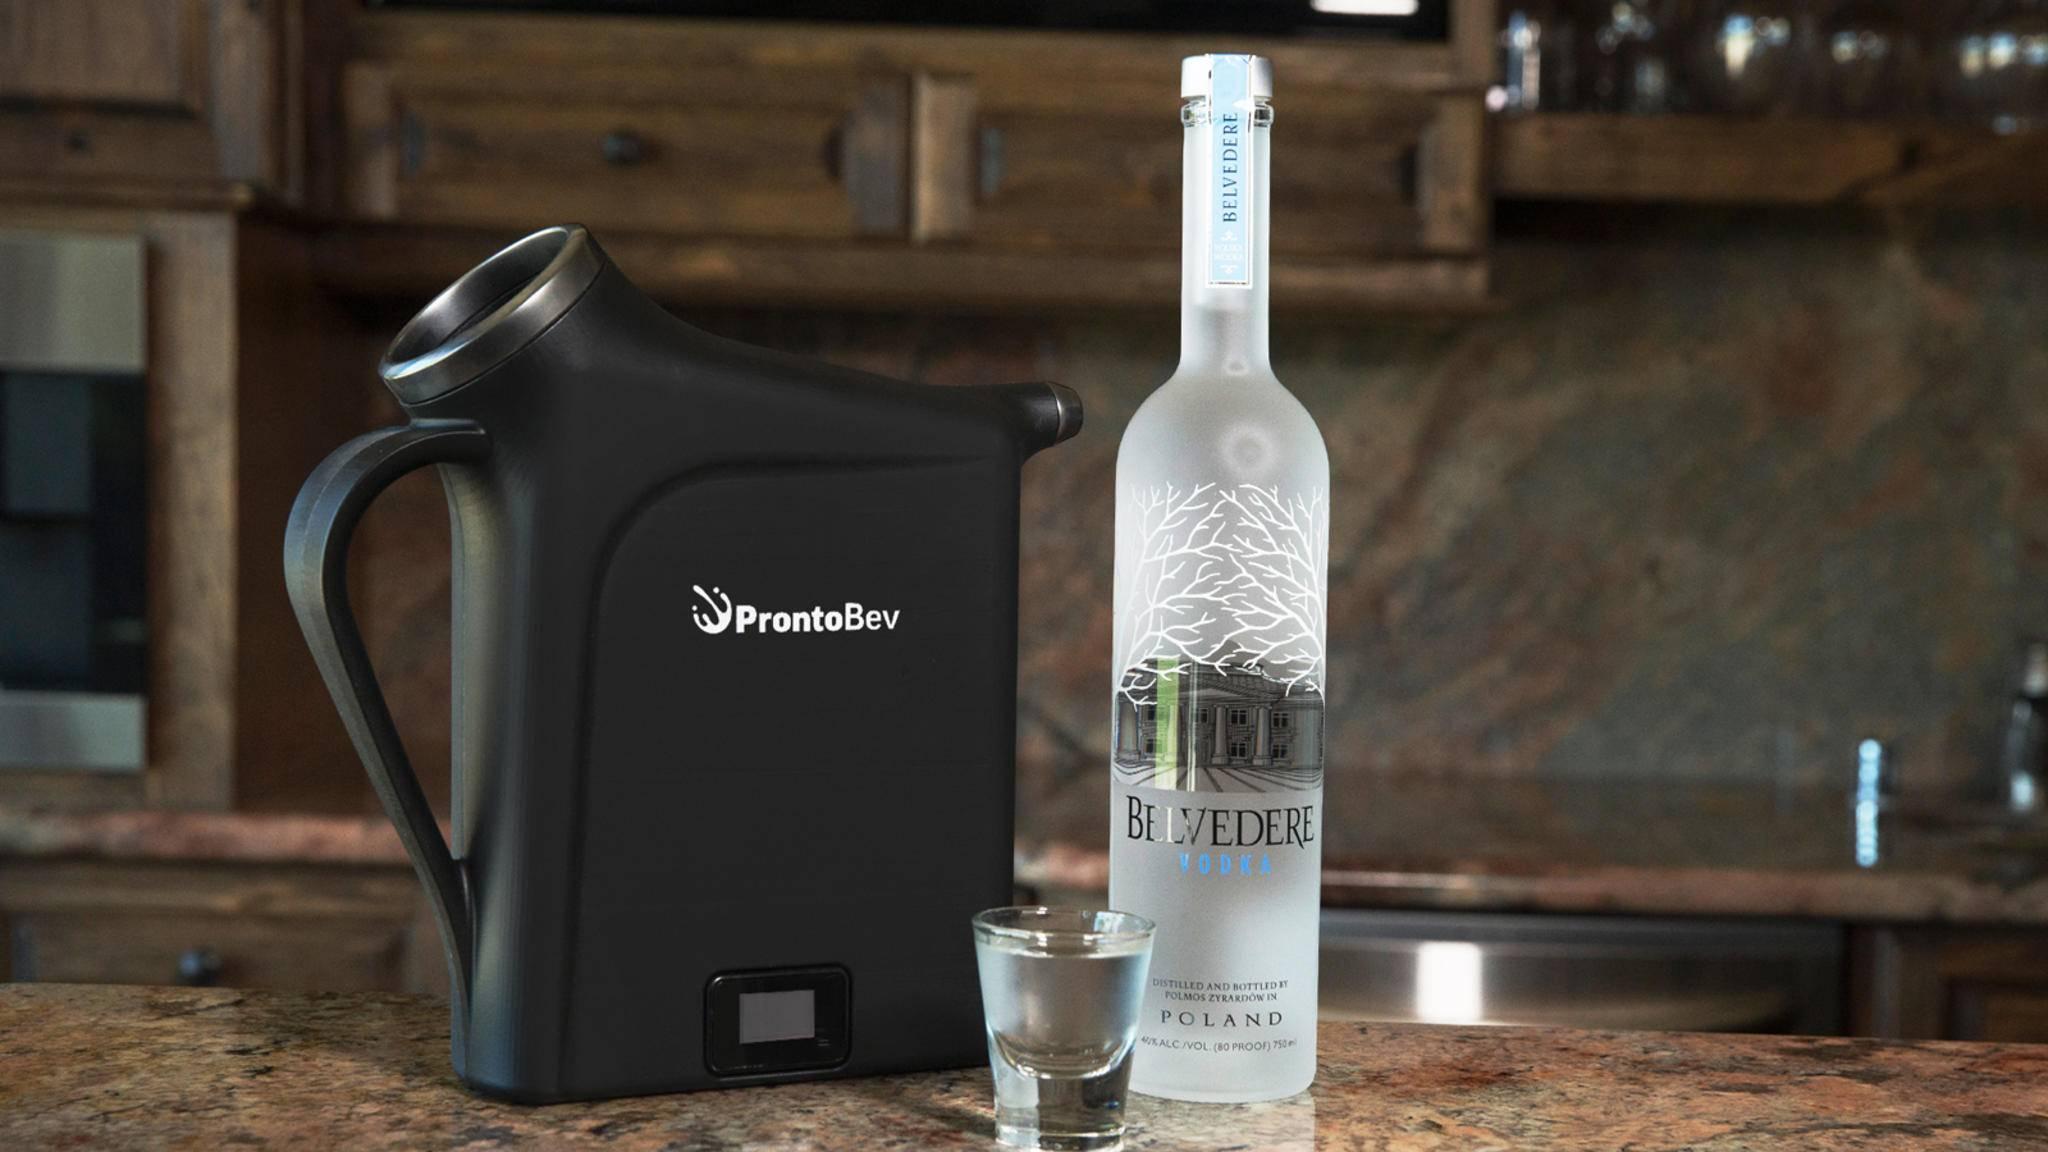 ProntoBev soll für alle möglichen Getränke von Alkohol über Saft bis hin zu heißem Kaffee geeignet sein.